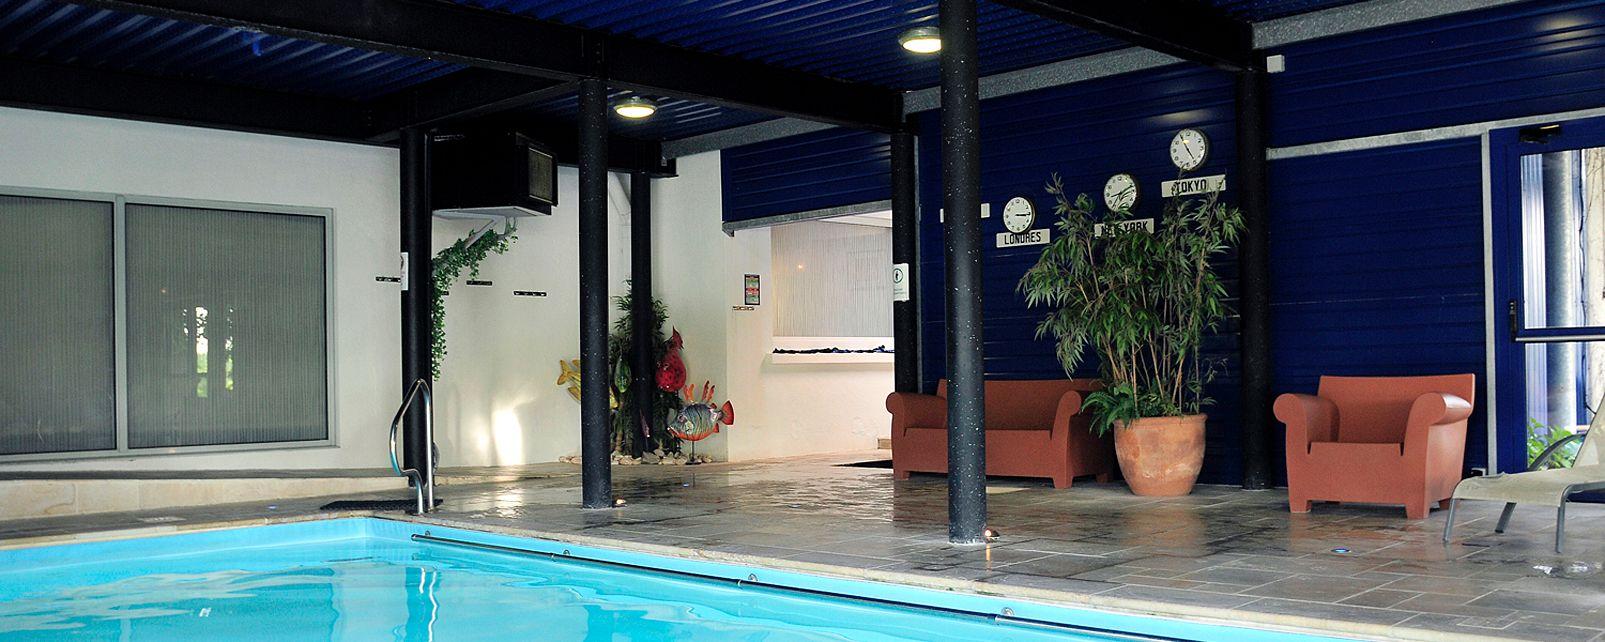 Thb Quintessia Resort Et Spa Chc Hotel In Orvault